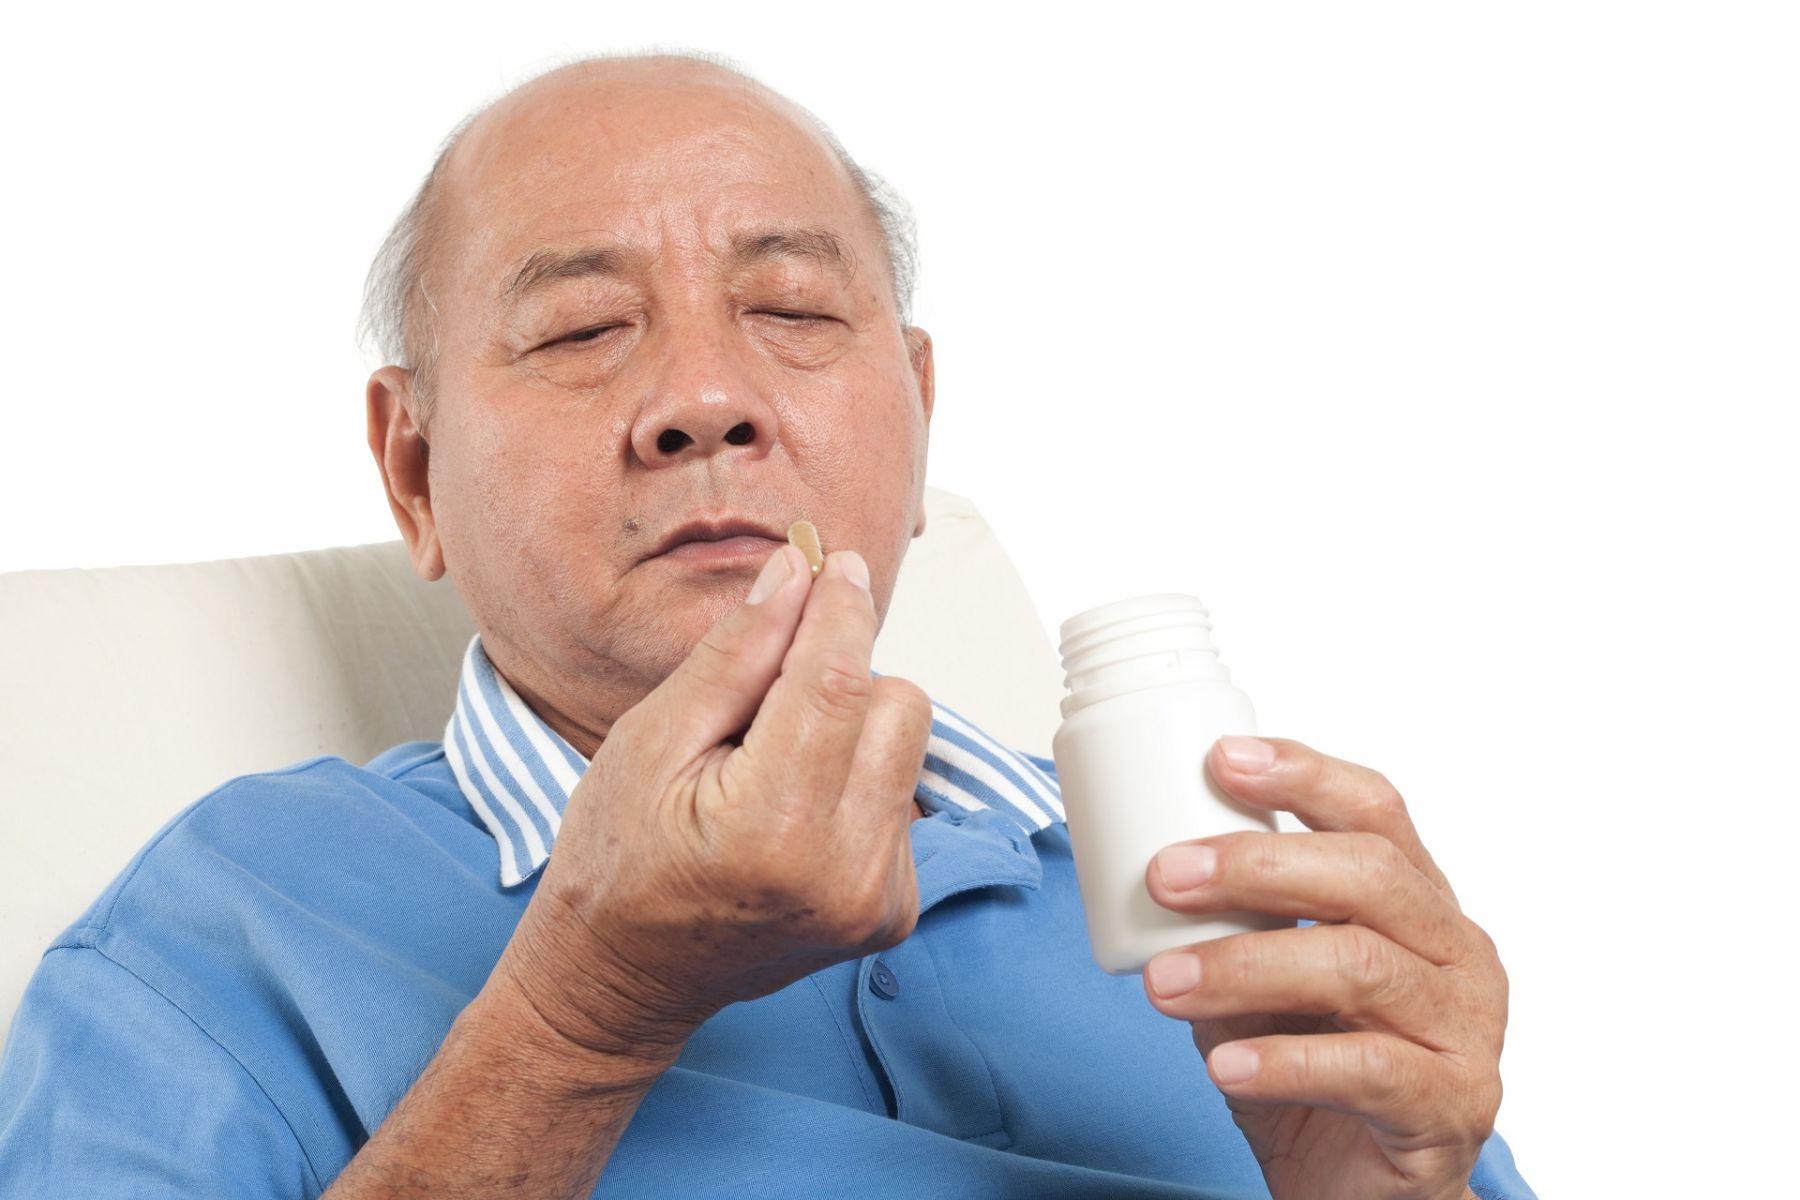 長輩吃了安眠藥還是暈眩、睡不好?可能是用藥不當!